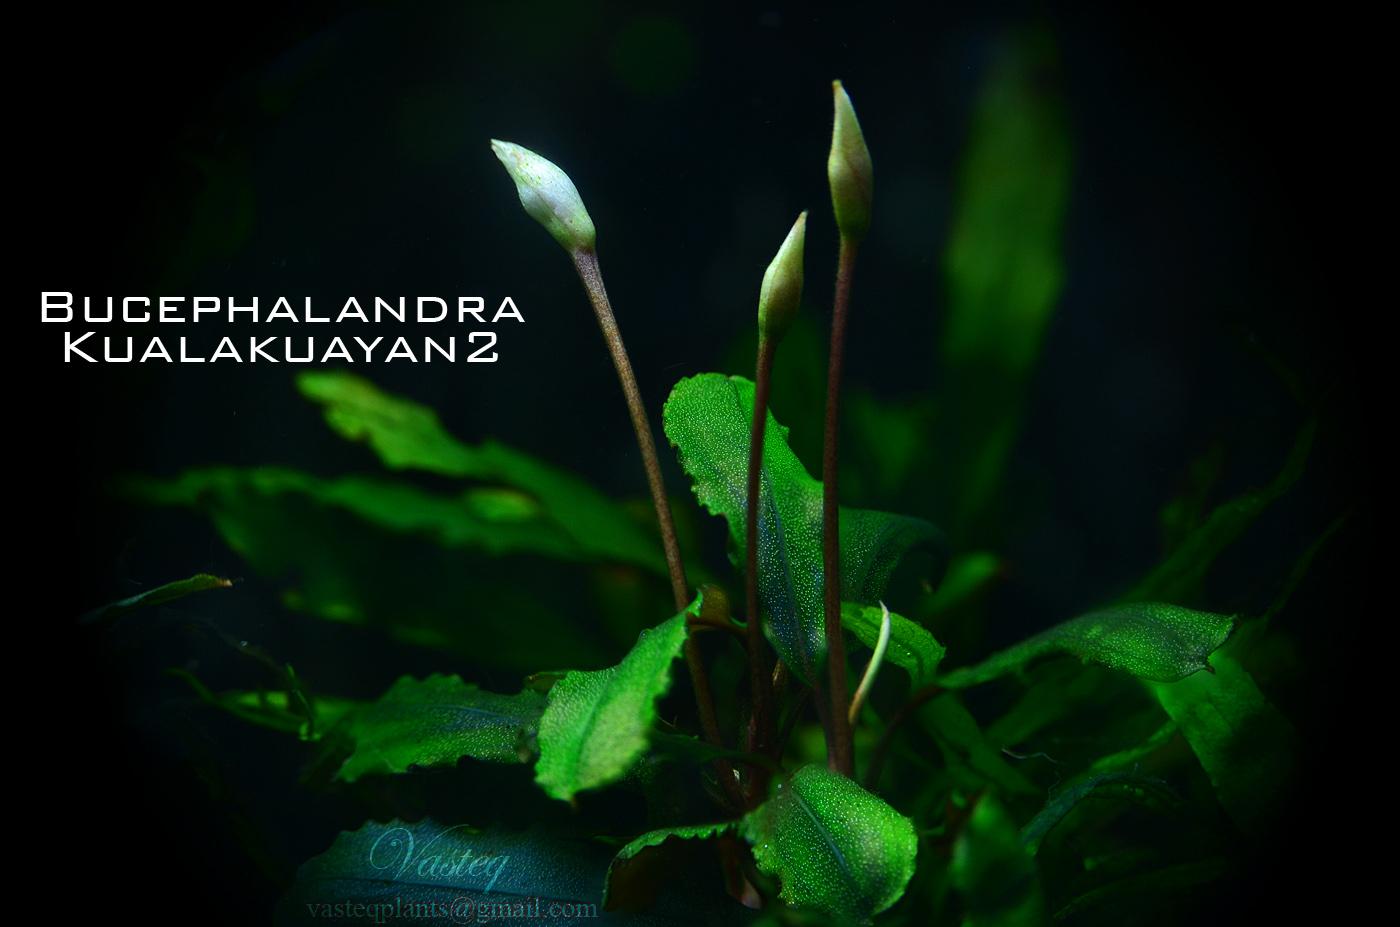 Bucephalandra 'Kualakayan 2'